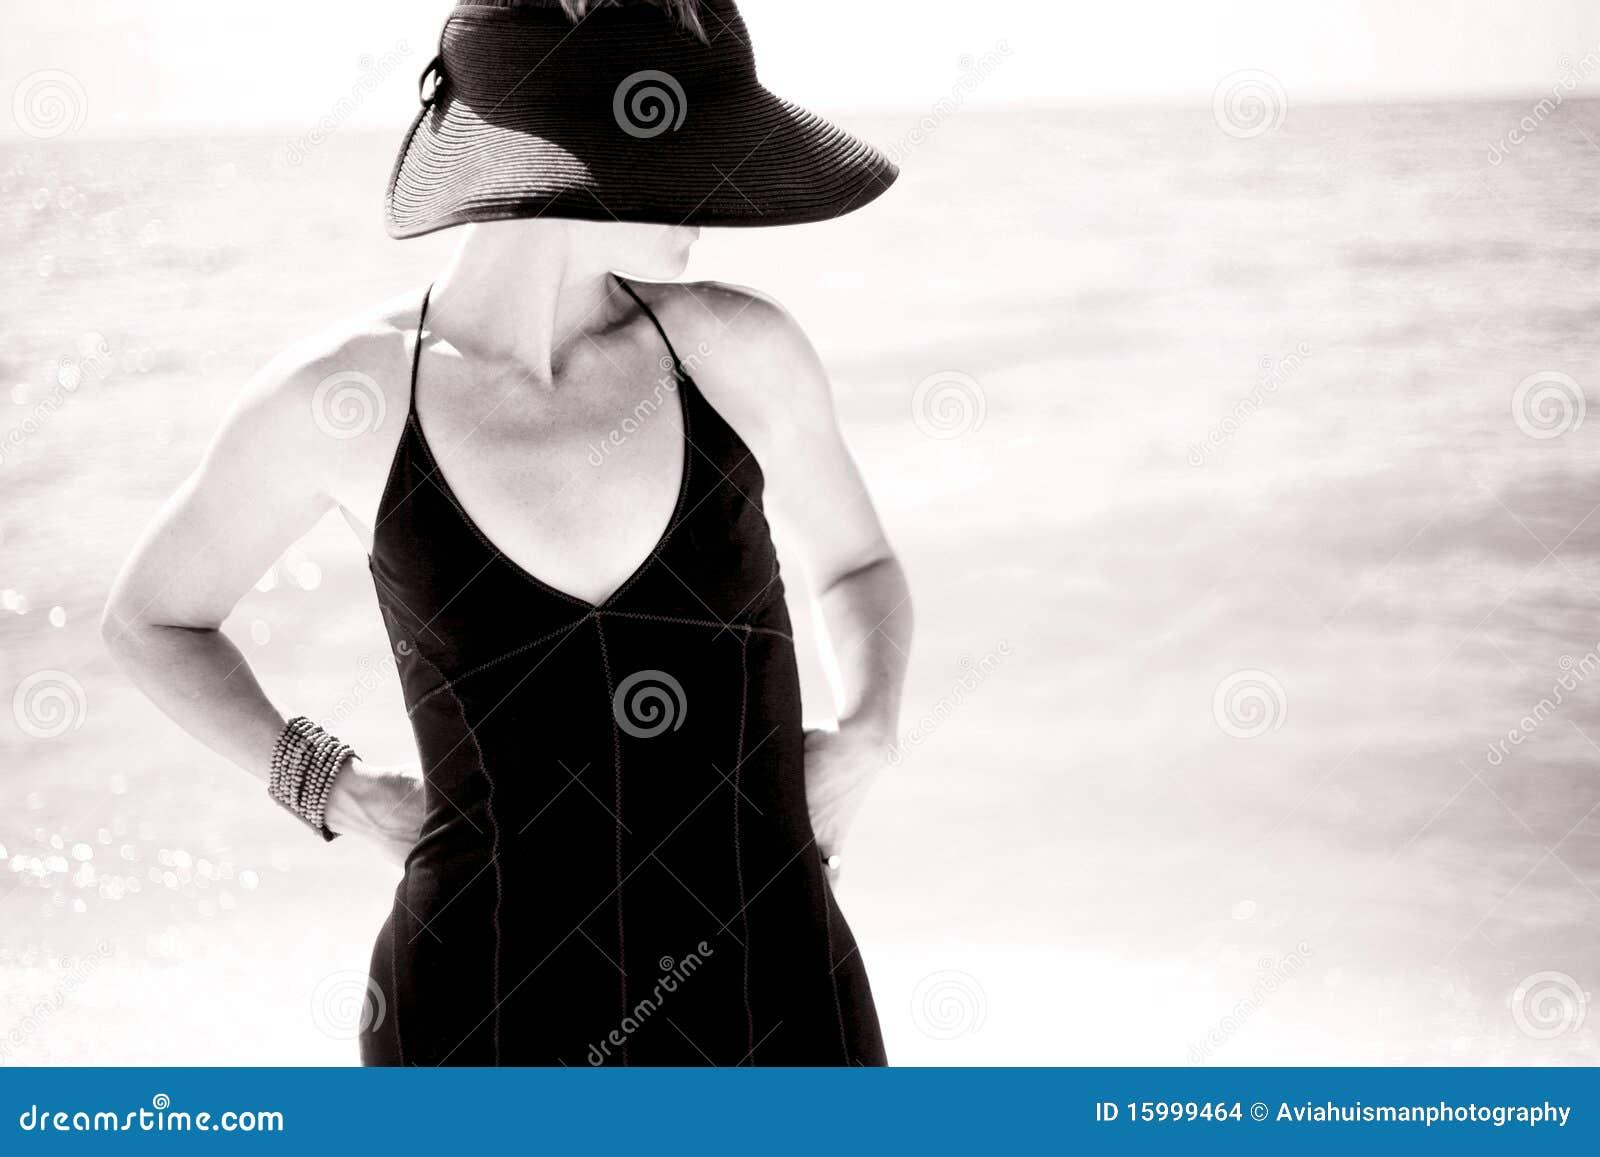 Jeune Femme Pulpeuse Nue